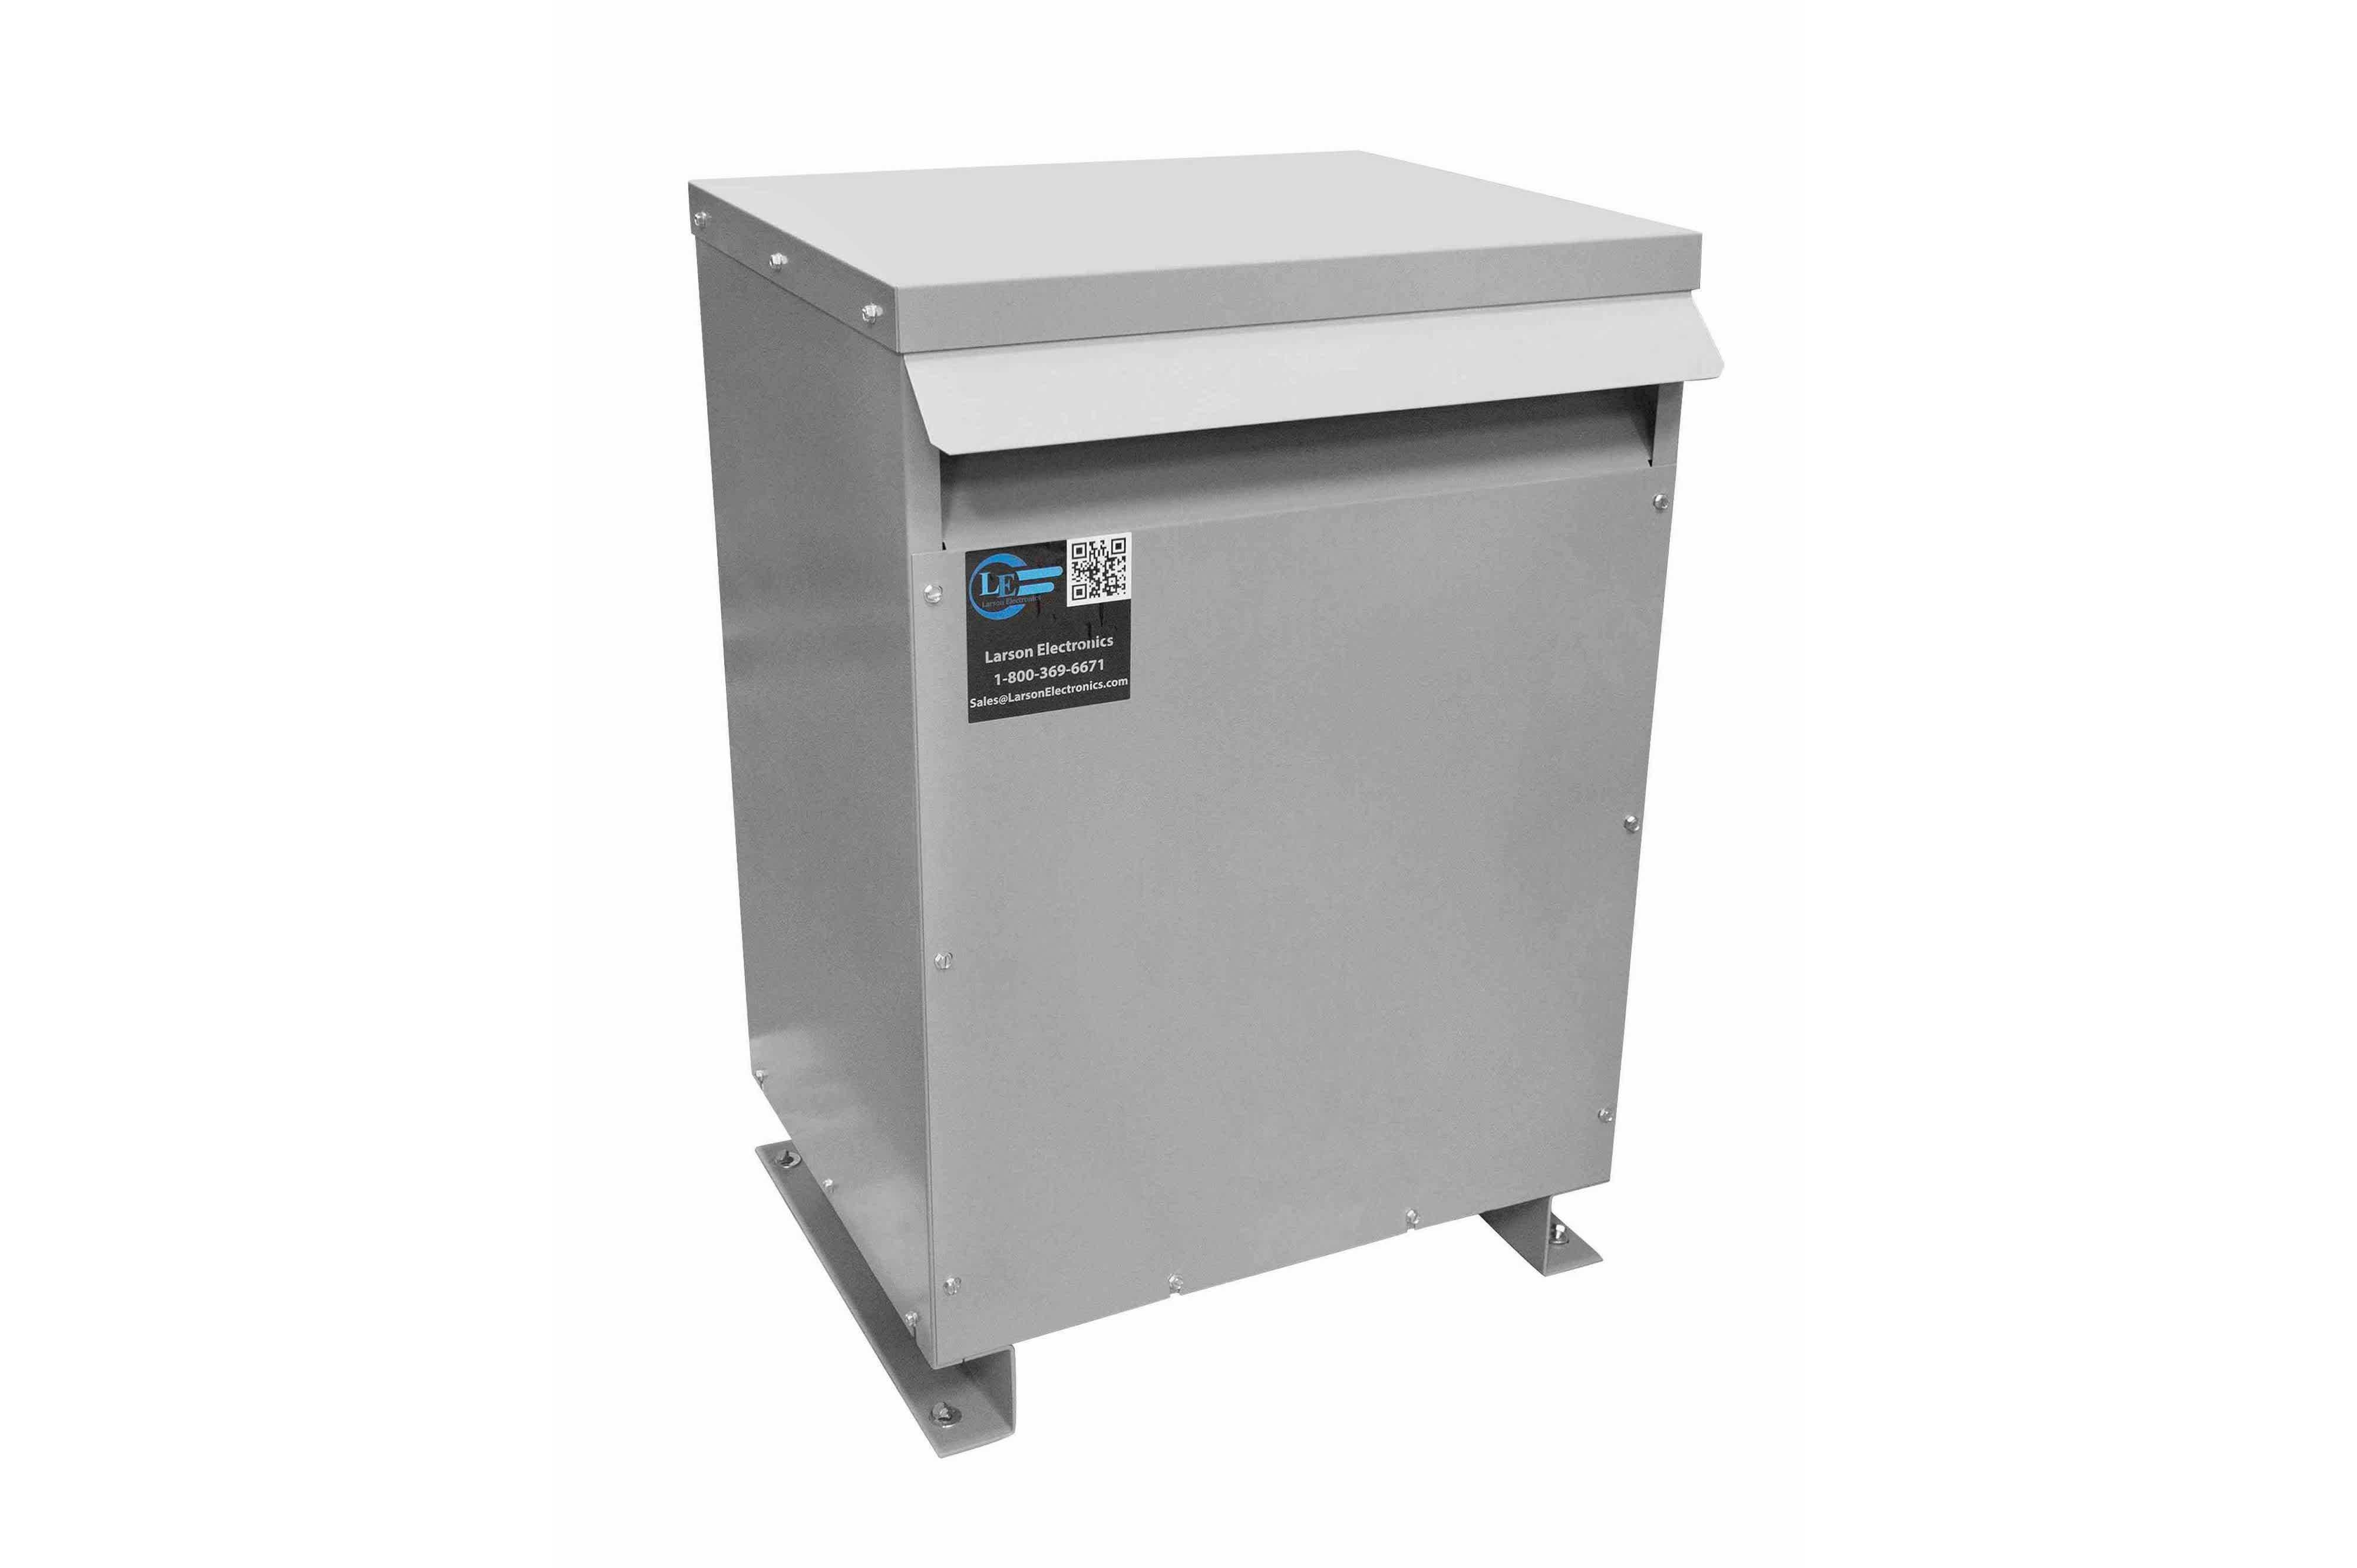 70 kVA 3PH Isolation Transformer, 480V Delta Primary, 600V Delta Secondary, N3R, Ventilated, 60 Hz